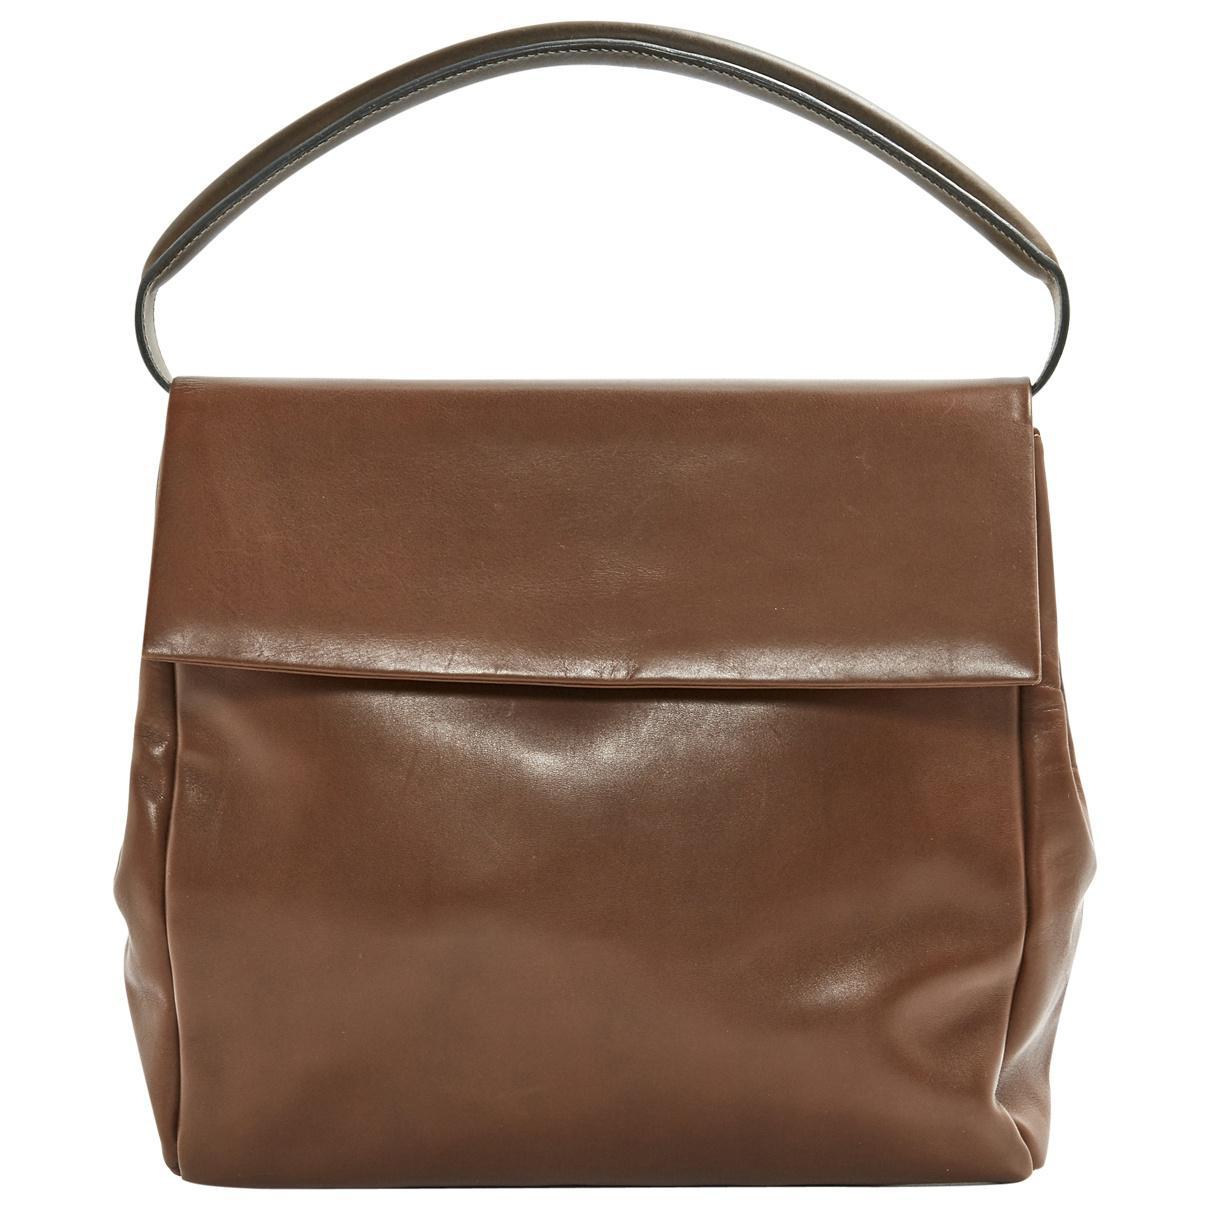 Marni Pre-owned - Brown Leather Handbag zN8aKJ5S